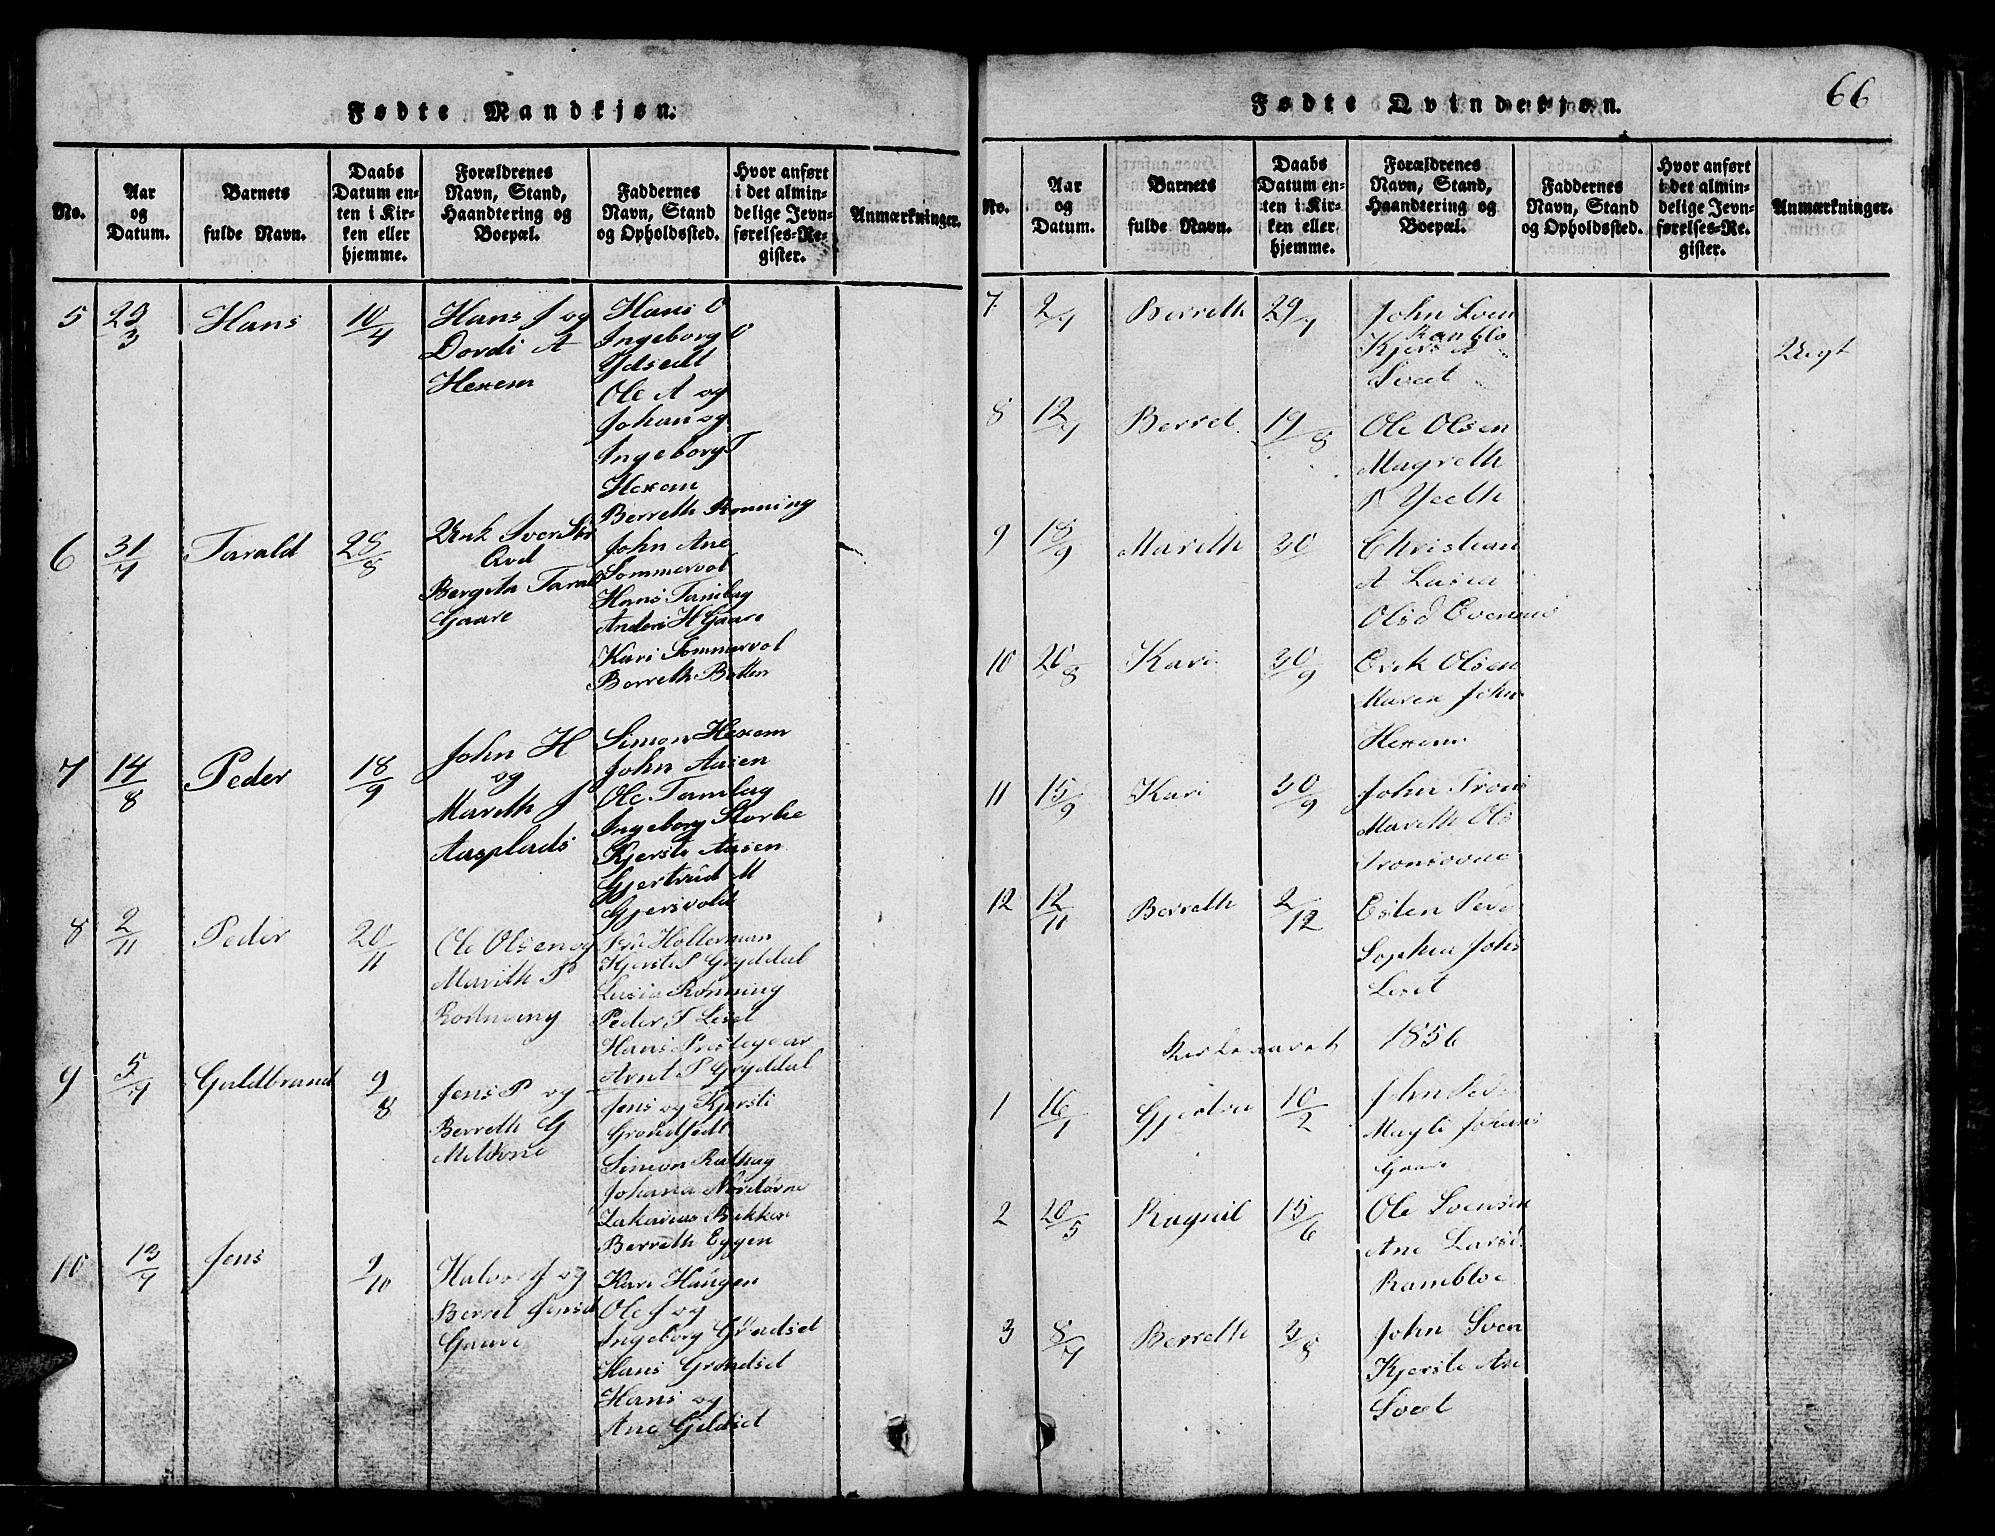 SAT, Ministerialprotokoller, klokkerbøker og fødselsregistre - Sør-Trøndelag, 685/L0976: Klokkerbok nr. 685C01, 1817-1878, s. 66